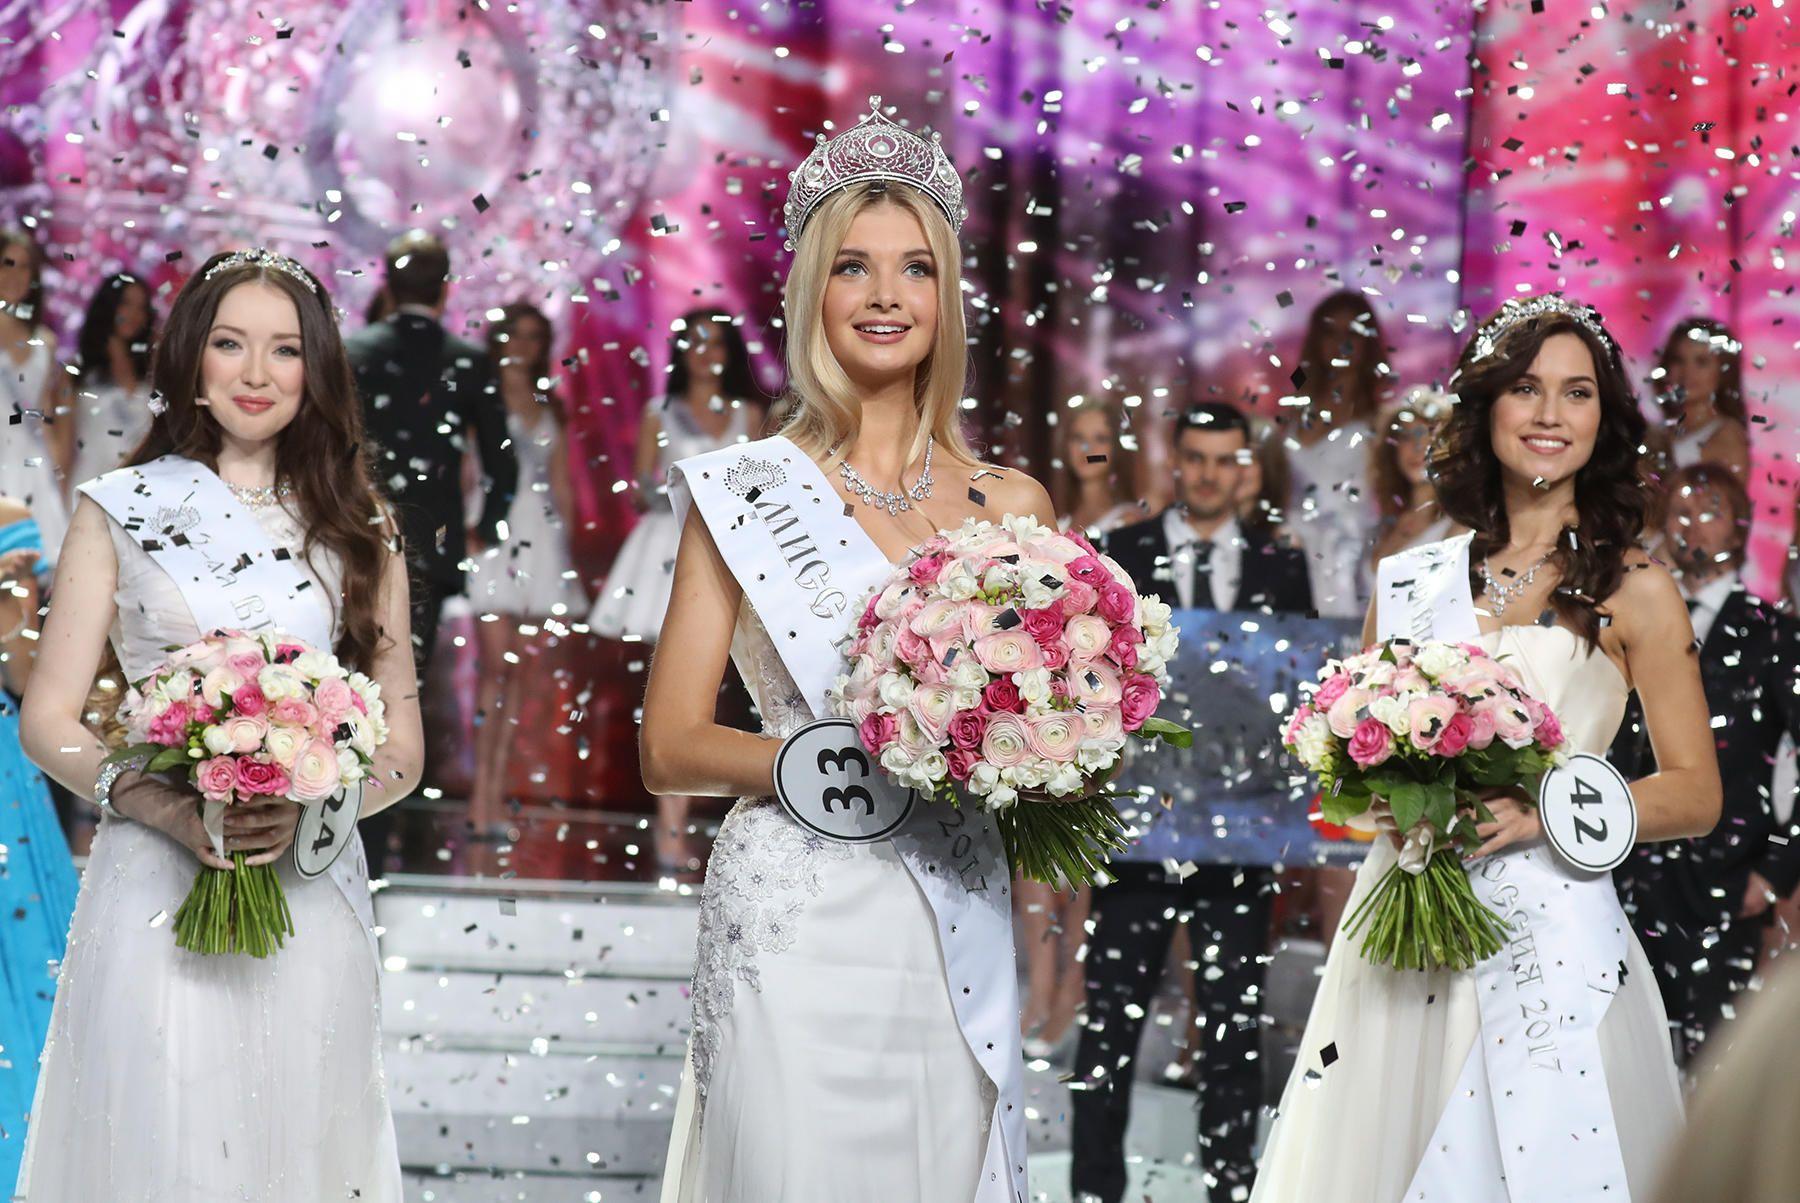 российские конкурсы красоты фото да, автолюбители хотят